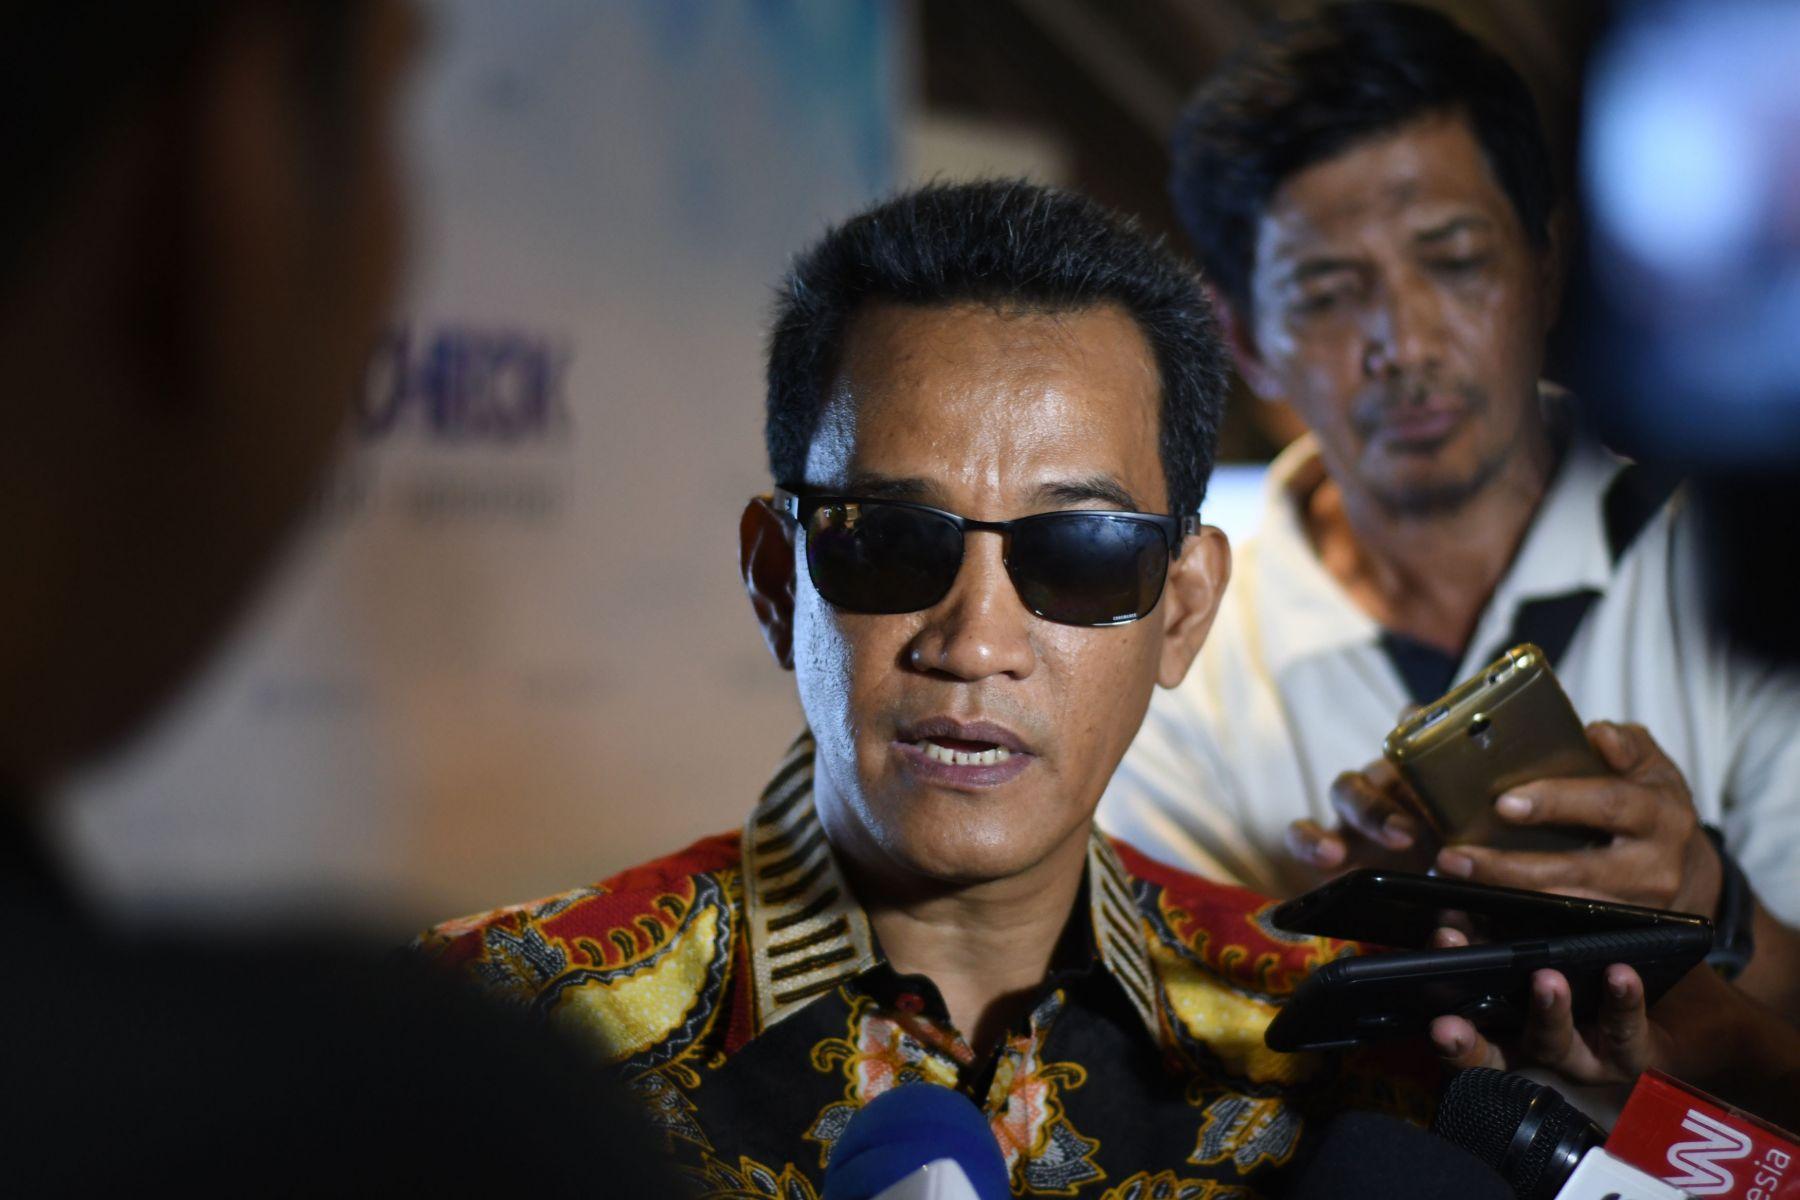 Djoko Tjandra Dapat Remisi Hukuman, Refly Harun: Negeri Ini Memang Condong ke Kaum Berduit & Koruptor!